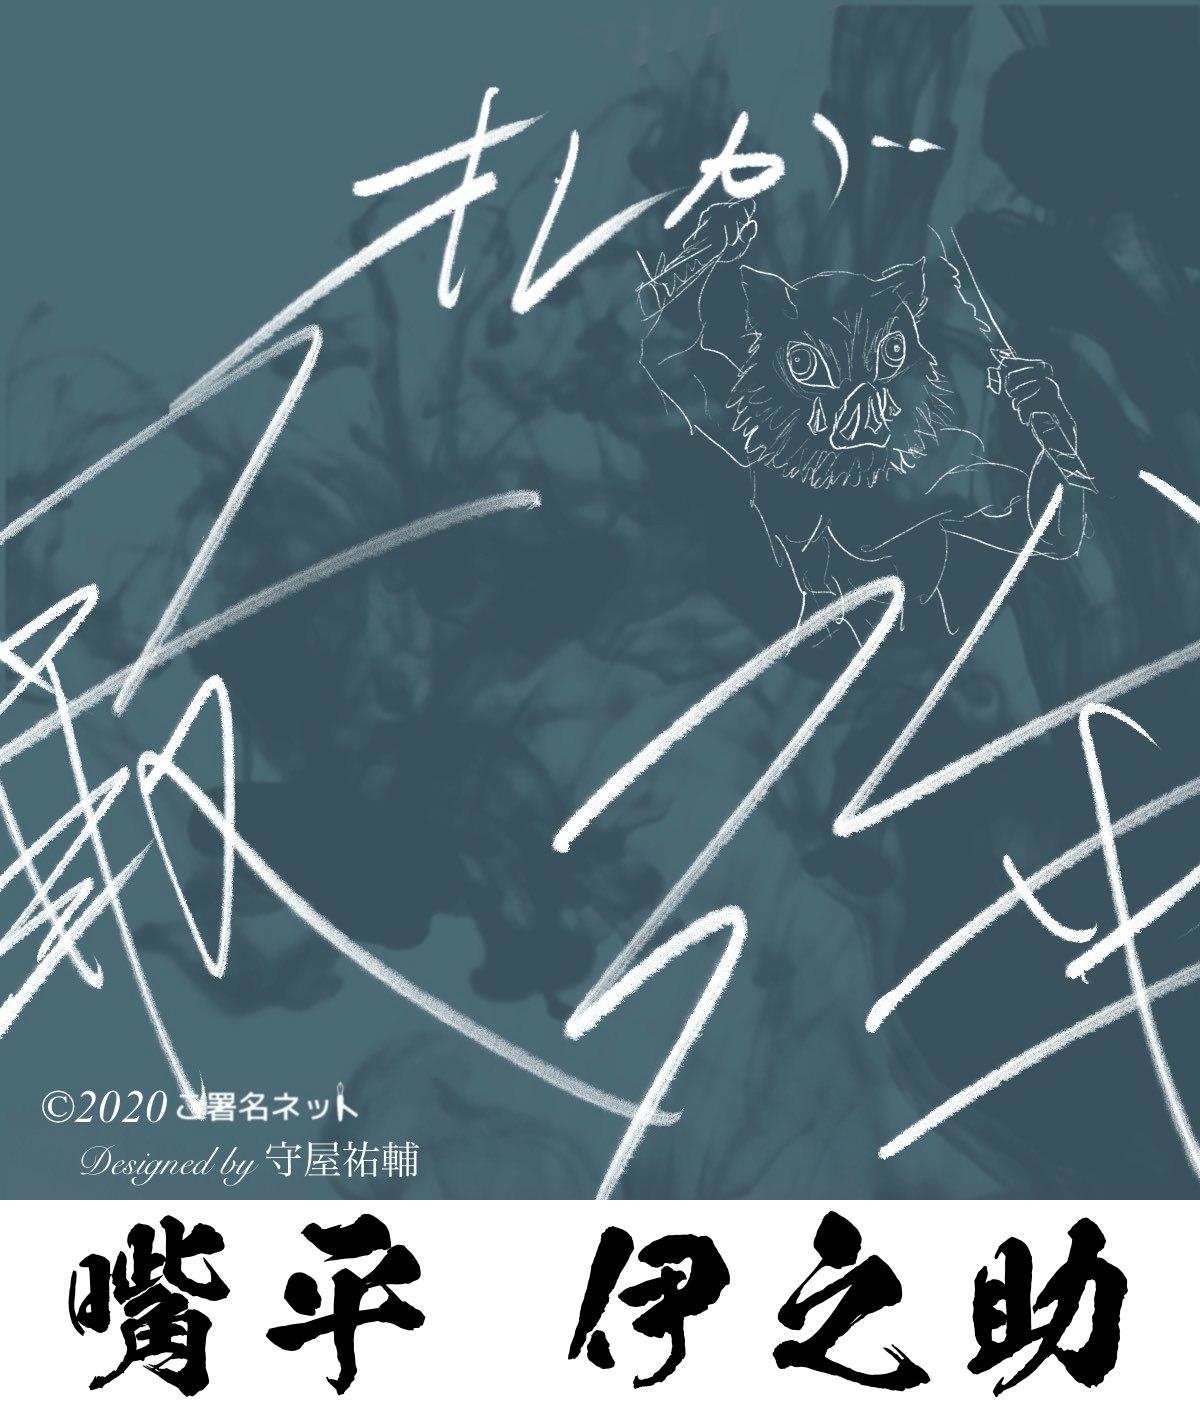 鬼滅の刃サイン